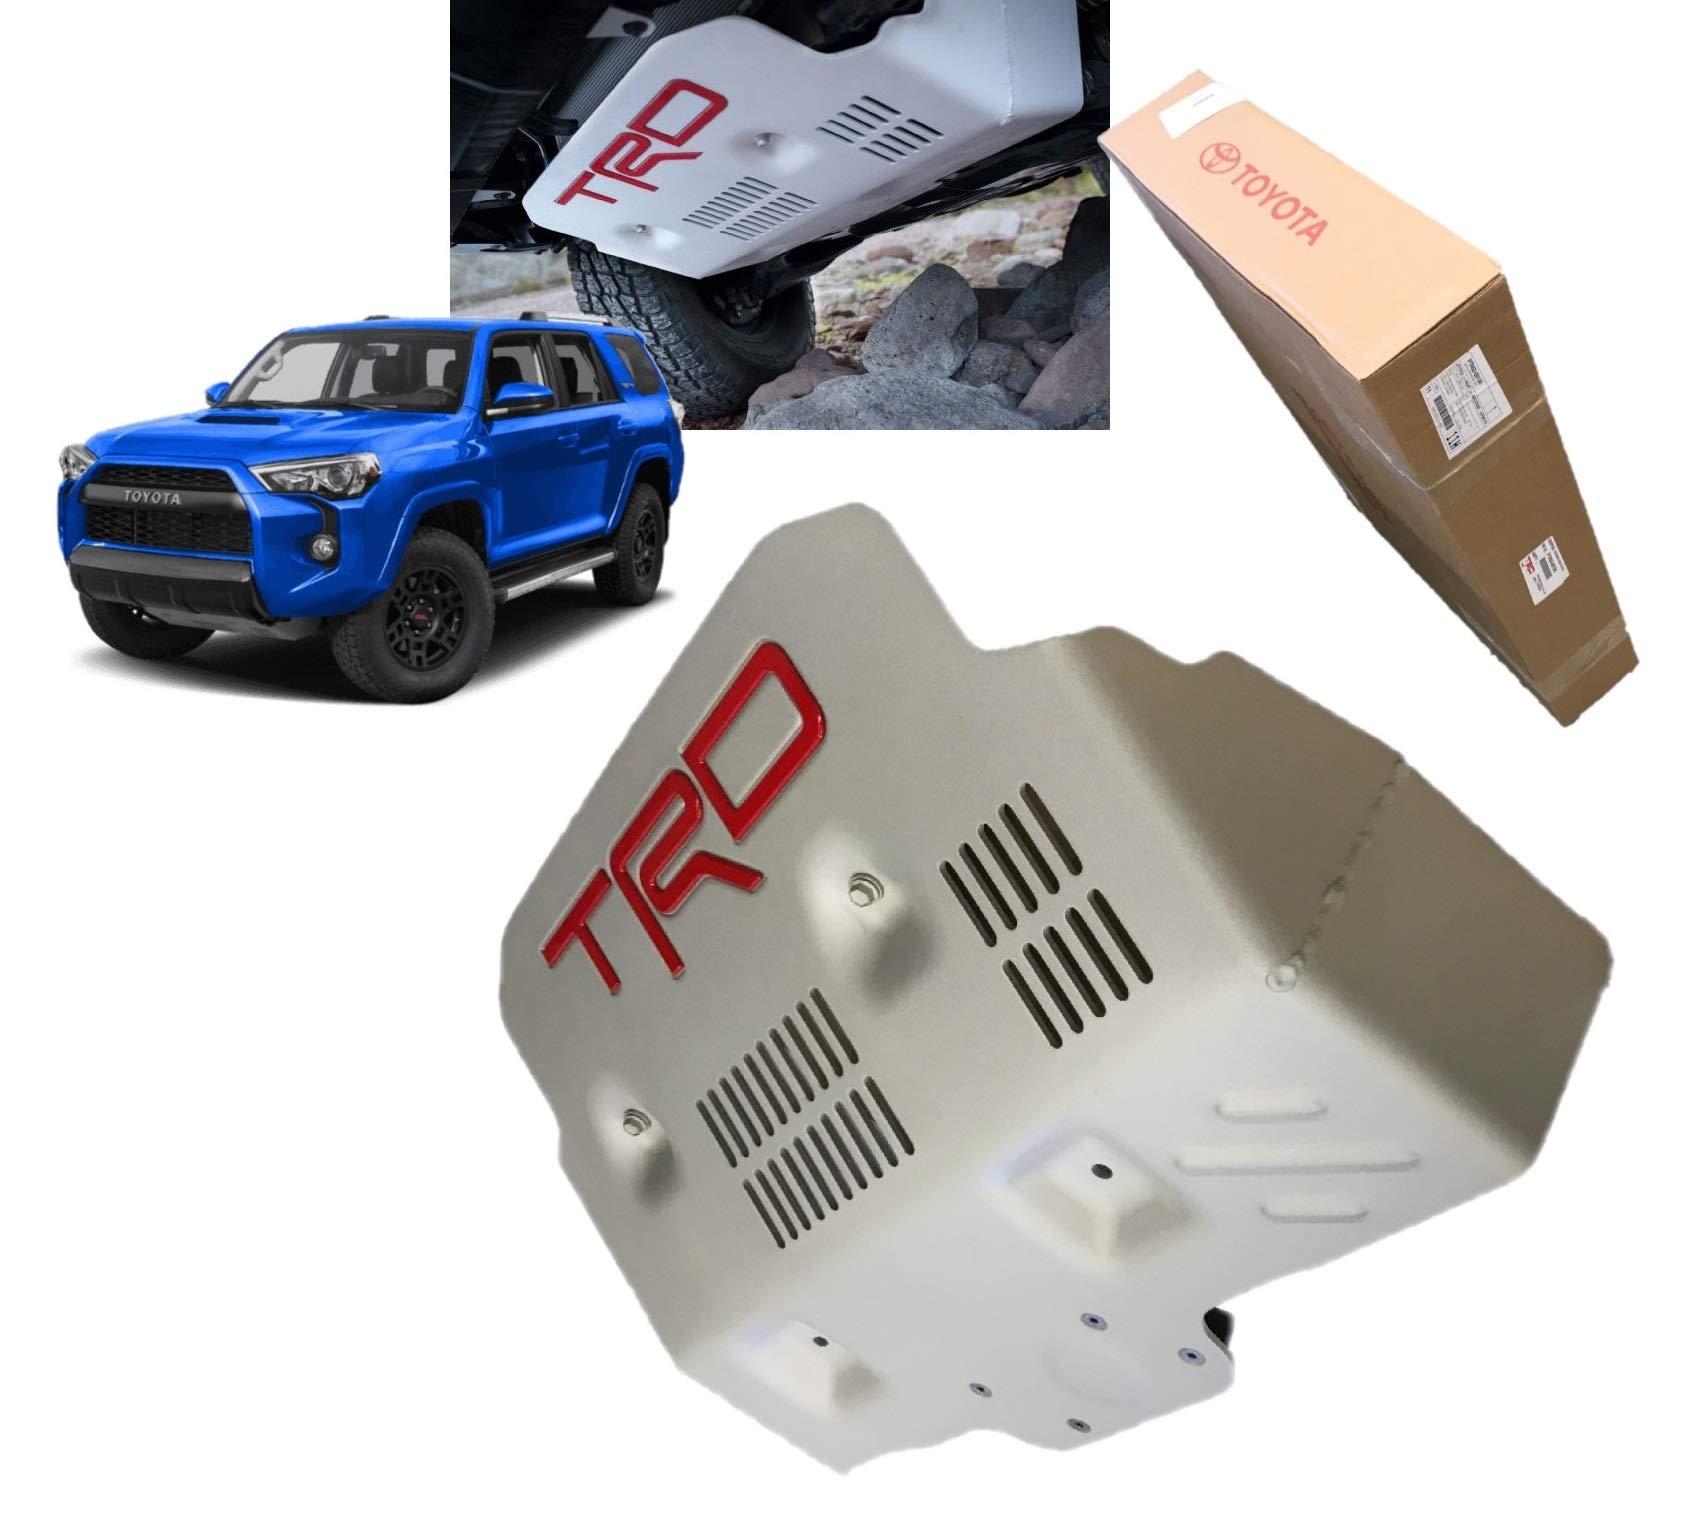 Genuine Toyota 4Runner TRD Skid Plate PTR60-89190. 2014-2019 4Runner